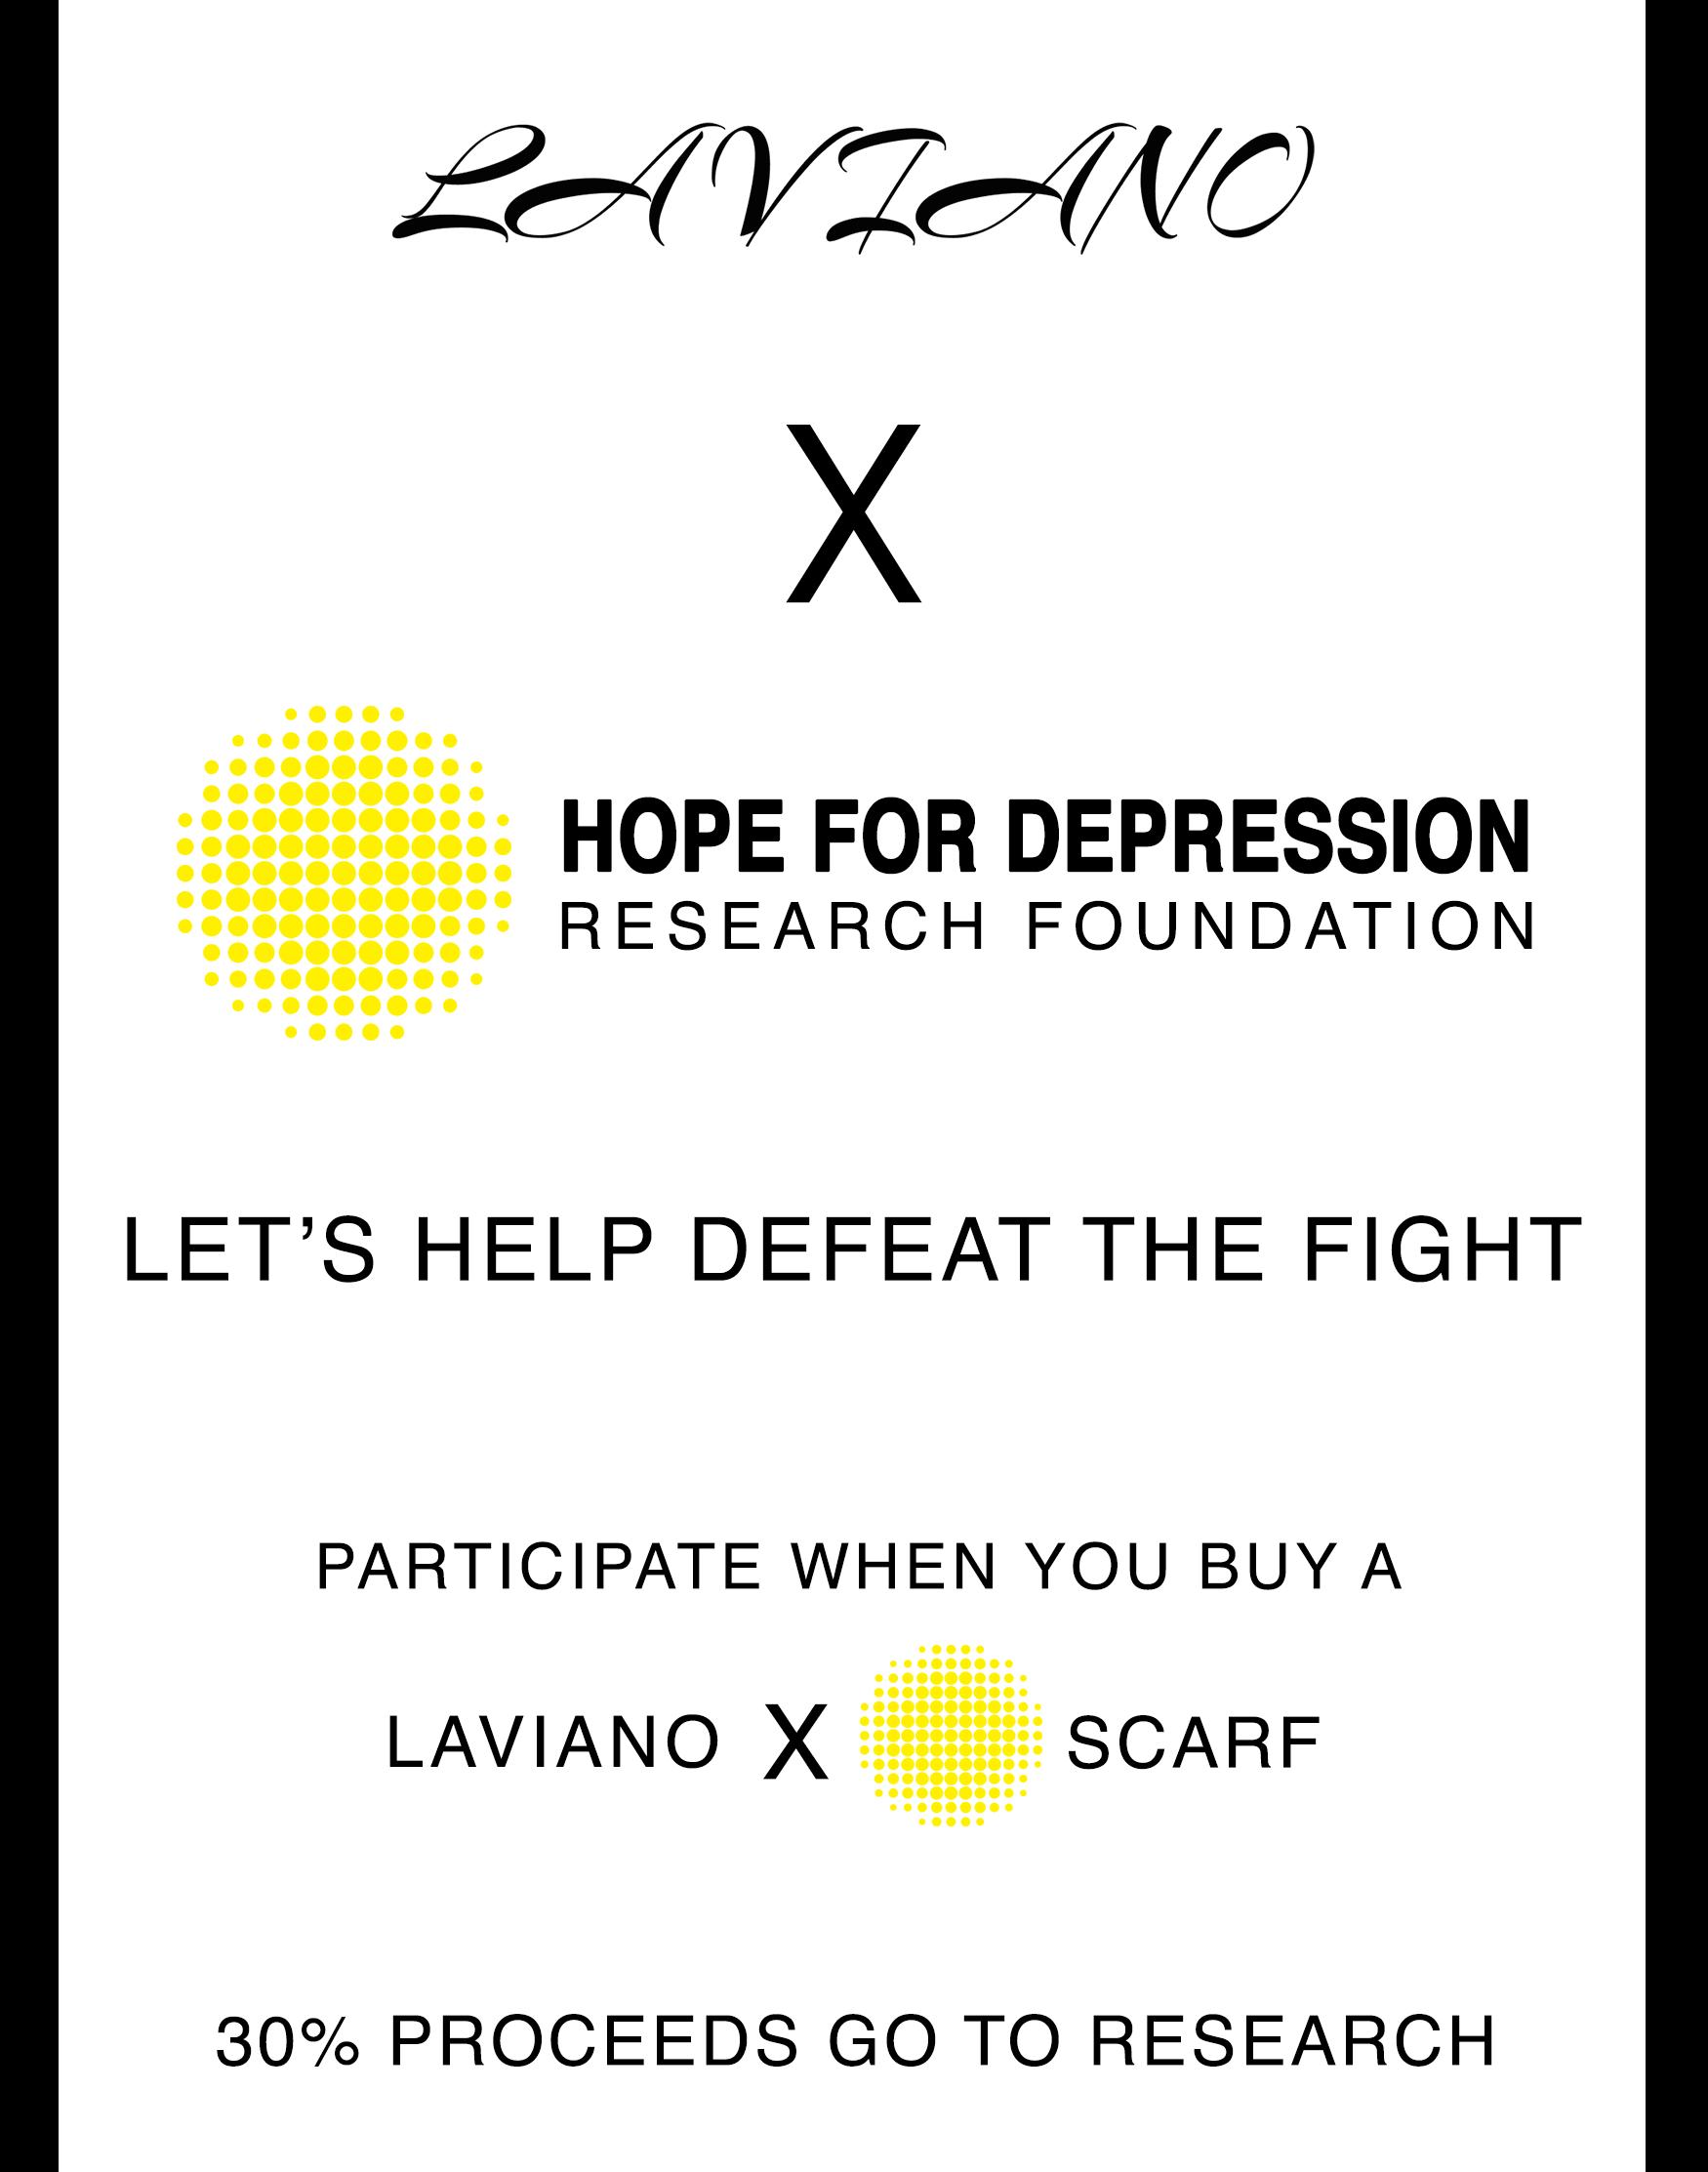 LAVIANO X HDRF SCARF CAMPAIGN -